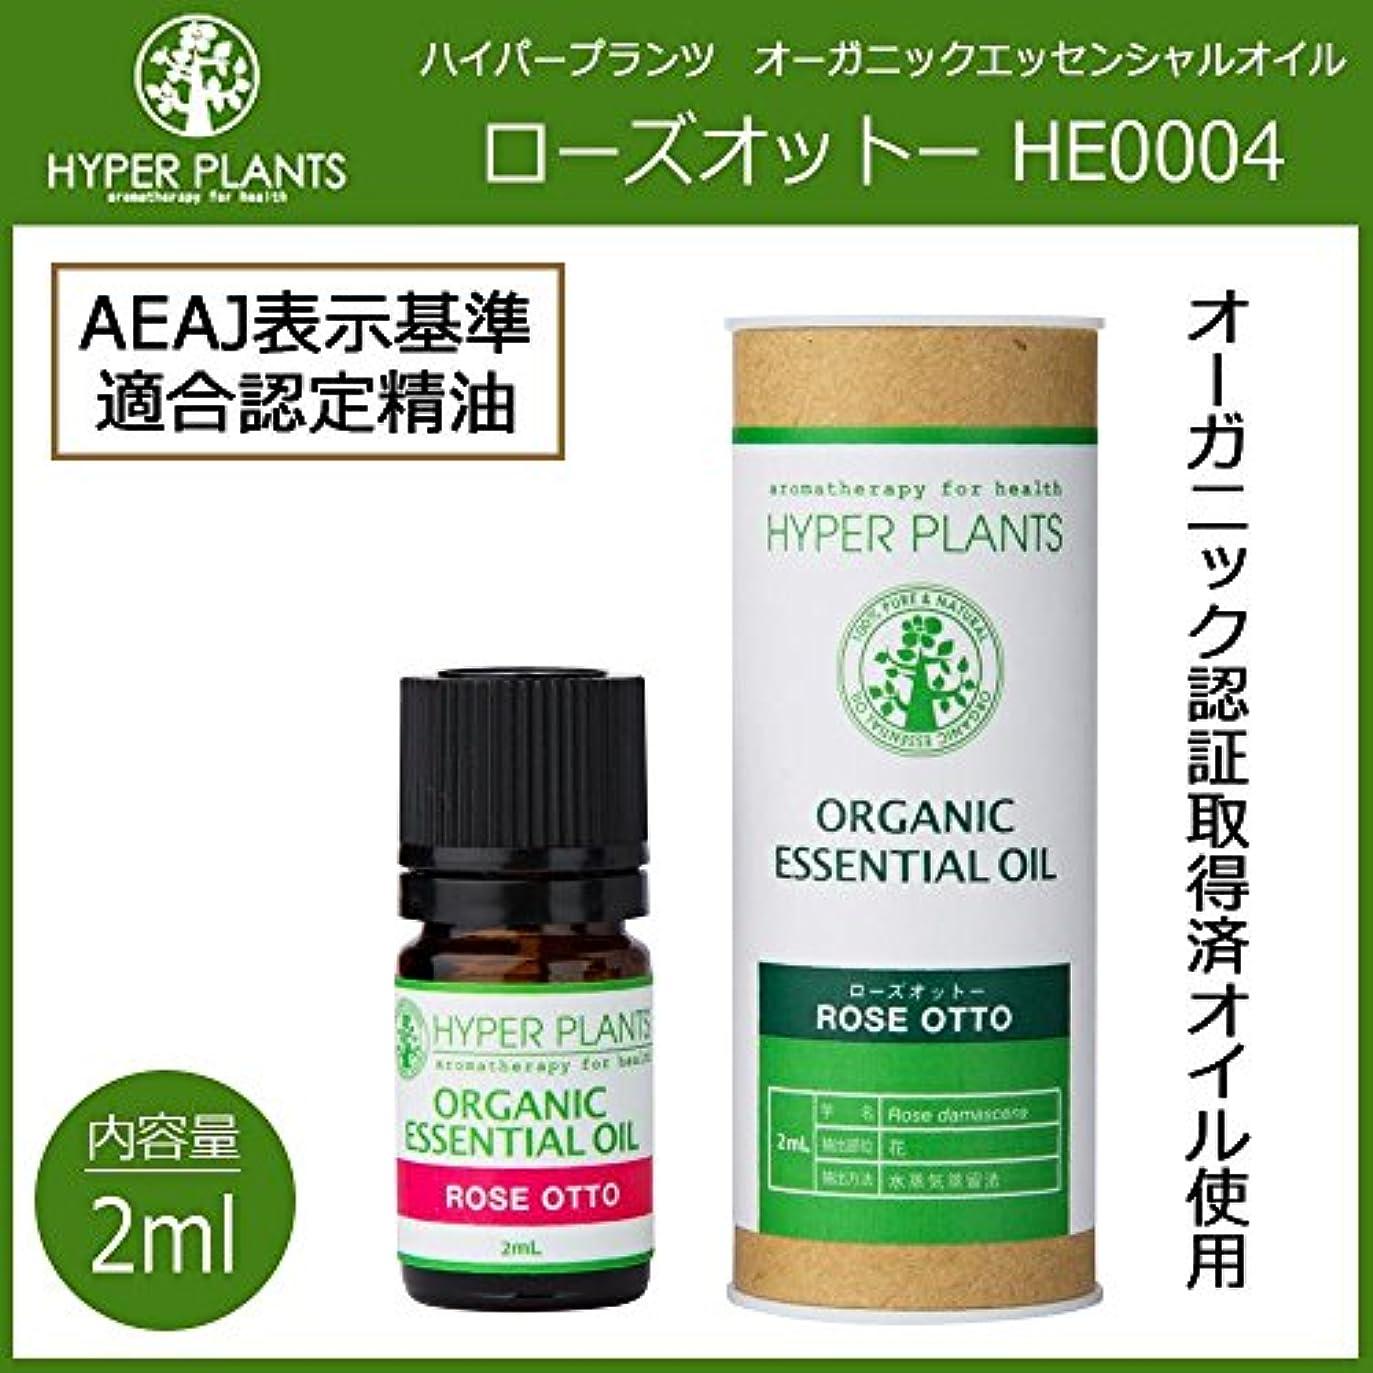 試用敵革新HYPER PLANTS ハイパープランツ オーガニックエッセンシャルオイル ローズオットー 2ml HE0004